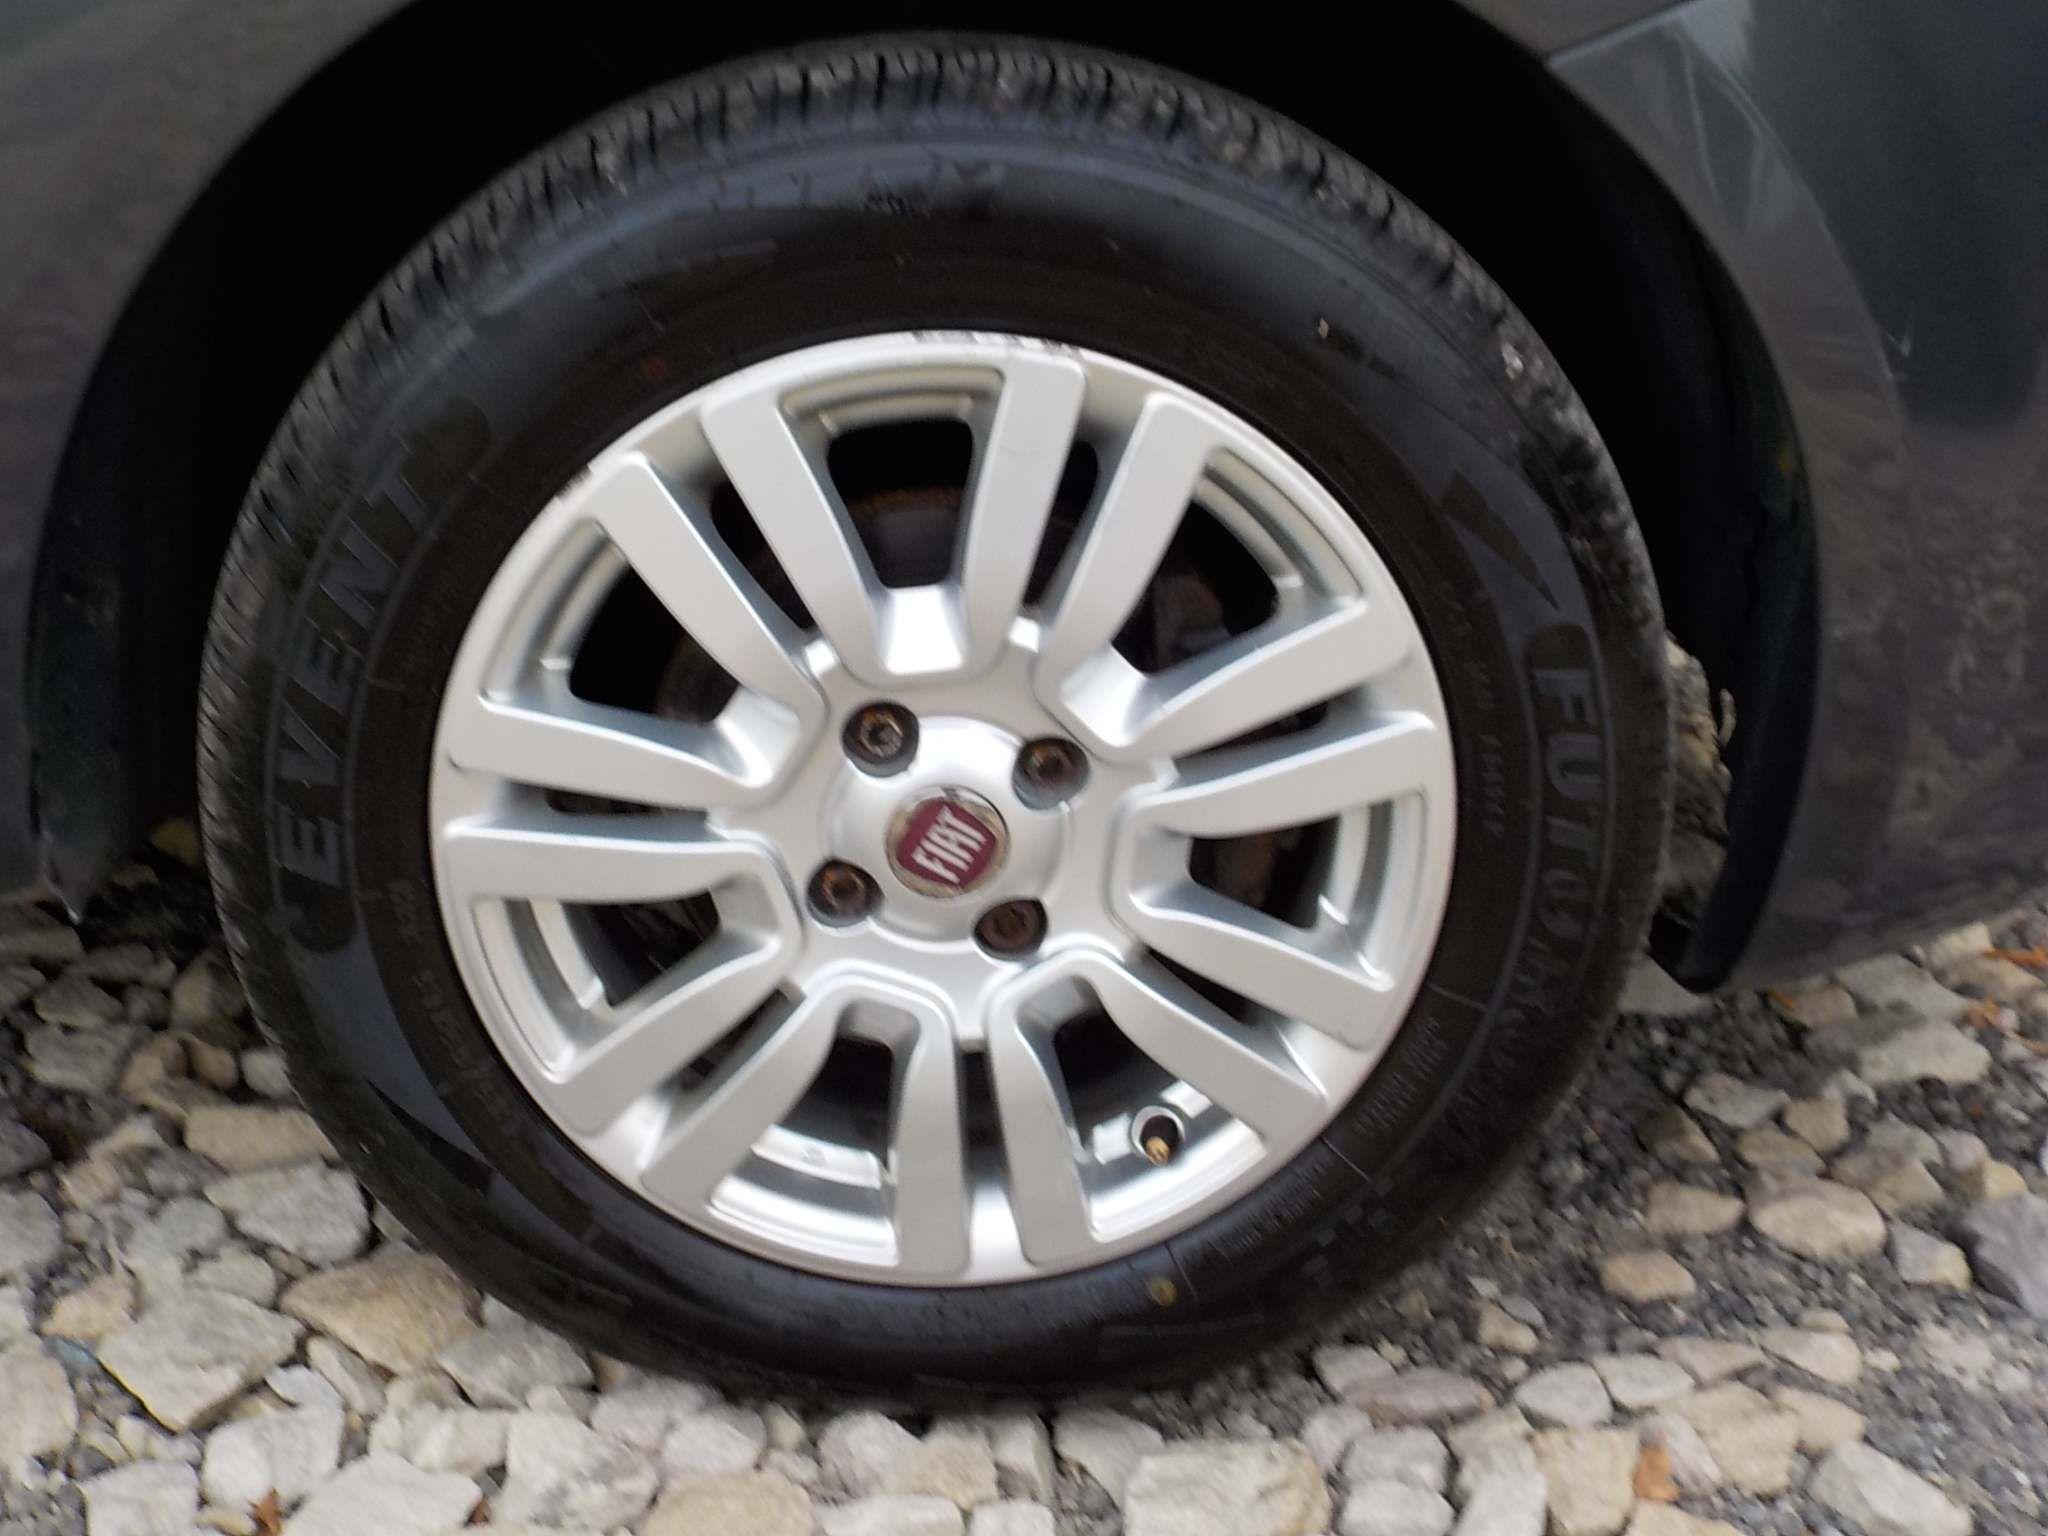 Fiat Punto 1.2 8V Easy 3dr EU5